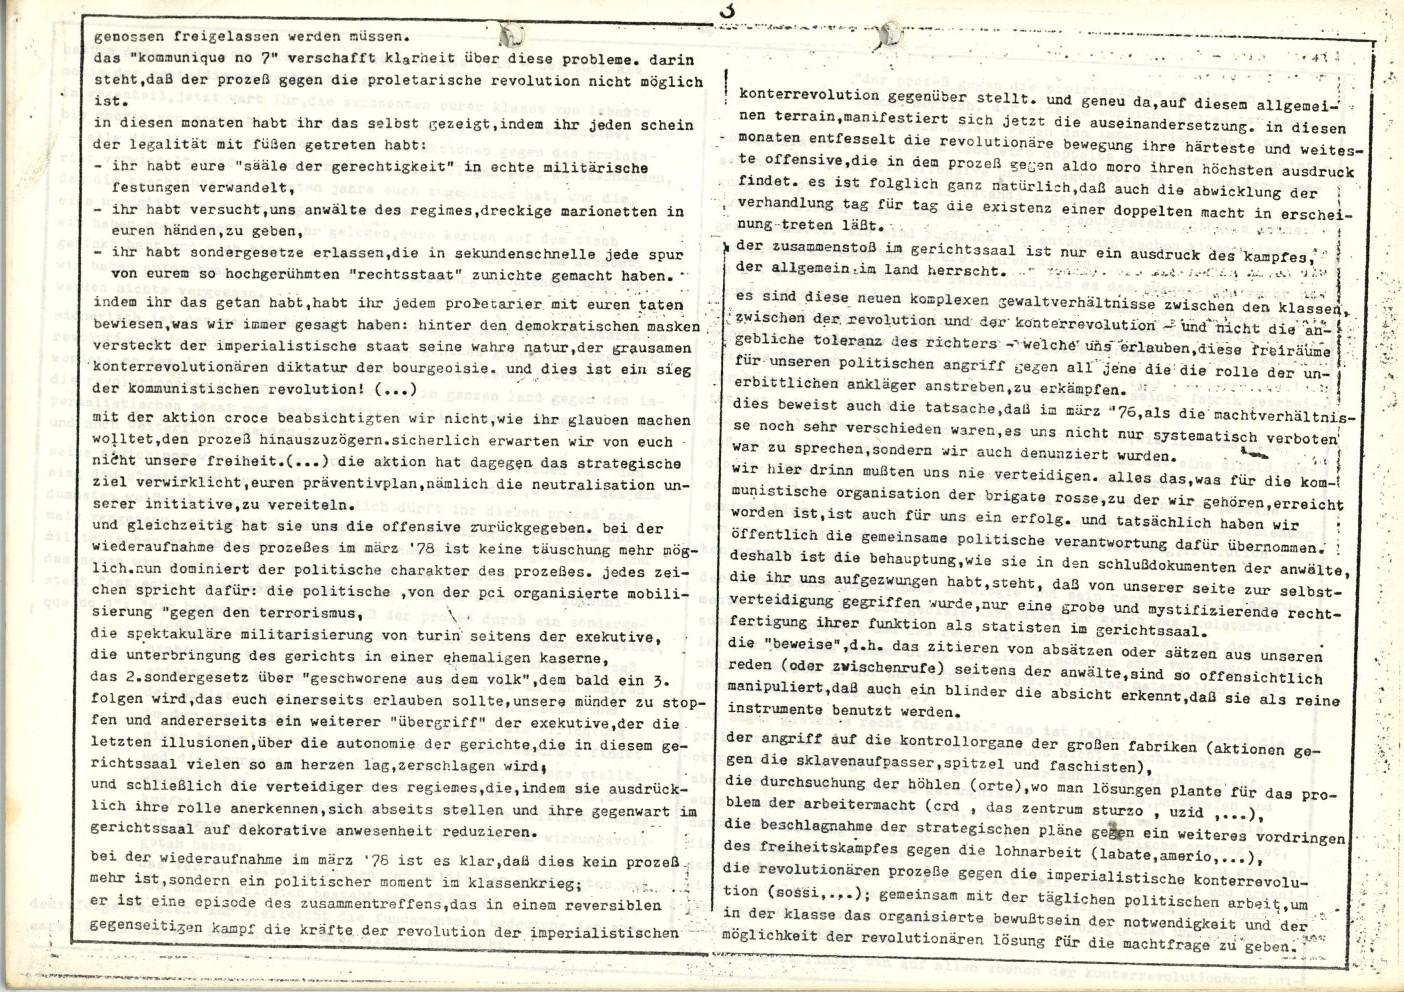 Italien_Brigate_Rosse_1982_Texte_1_18